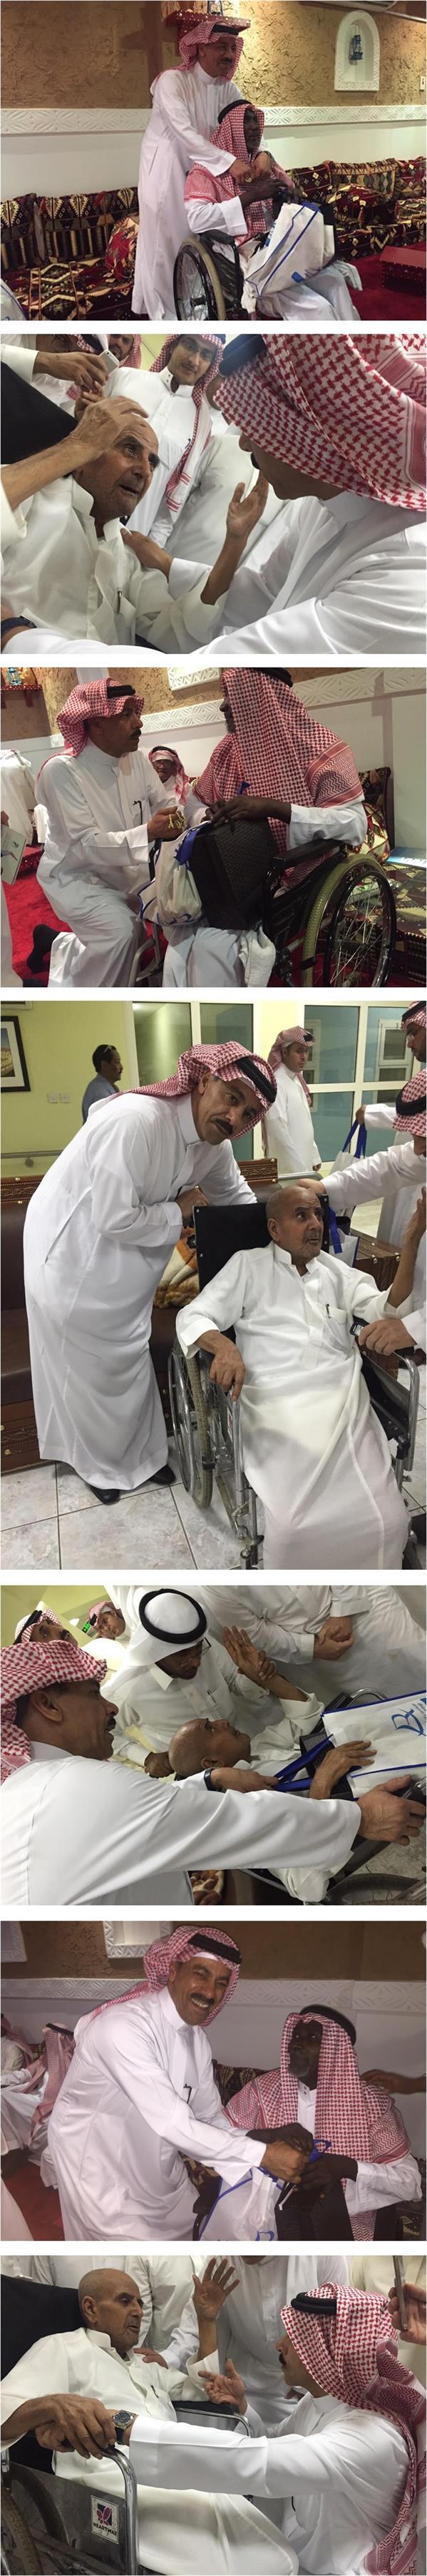 """عضو """"هلالي"""" ولاعب """"نصراوي"""" ينتهي بهما الحال نزيلين بدار المسنين"""